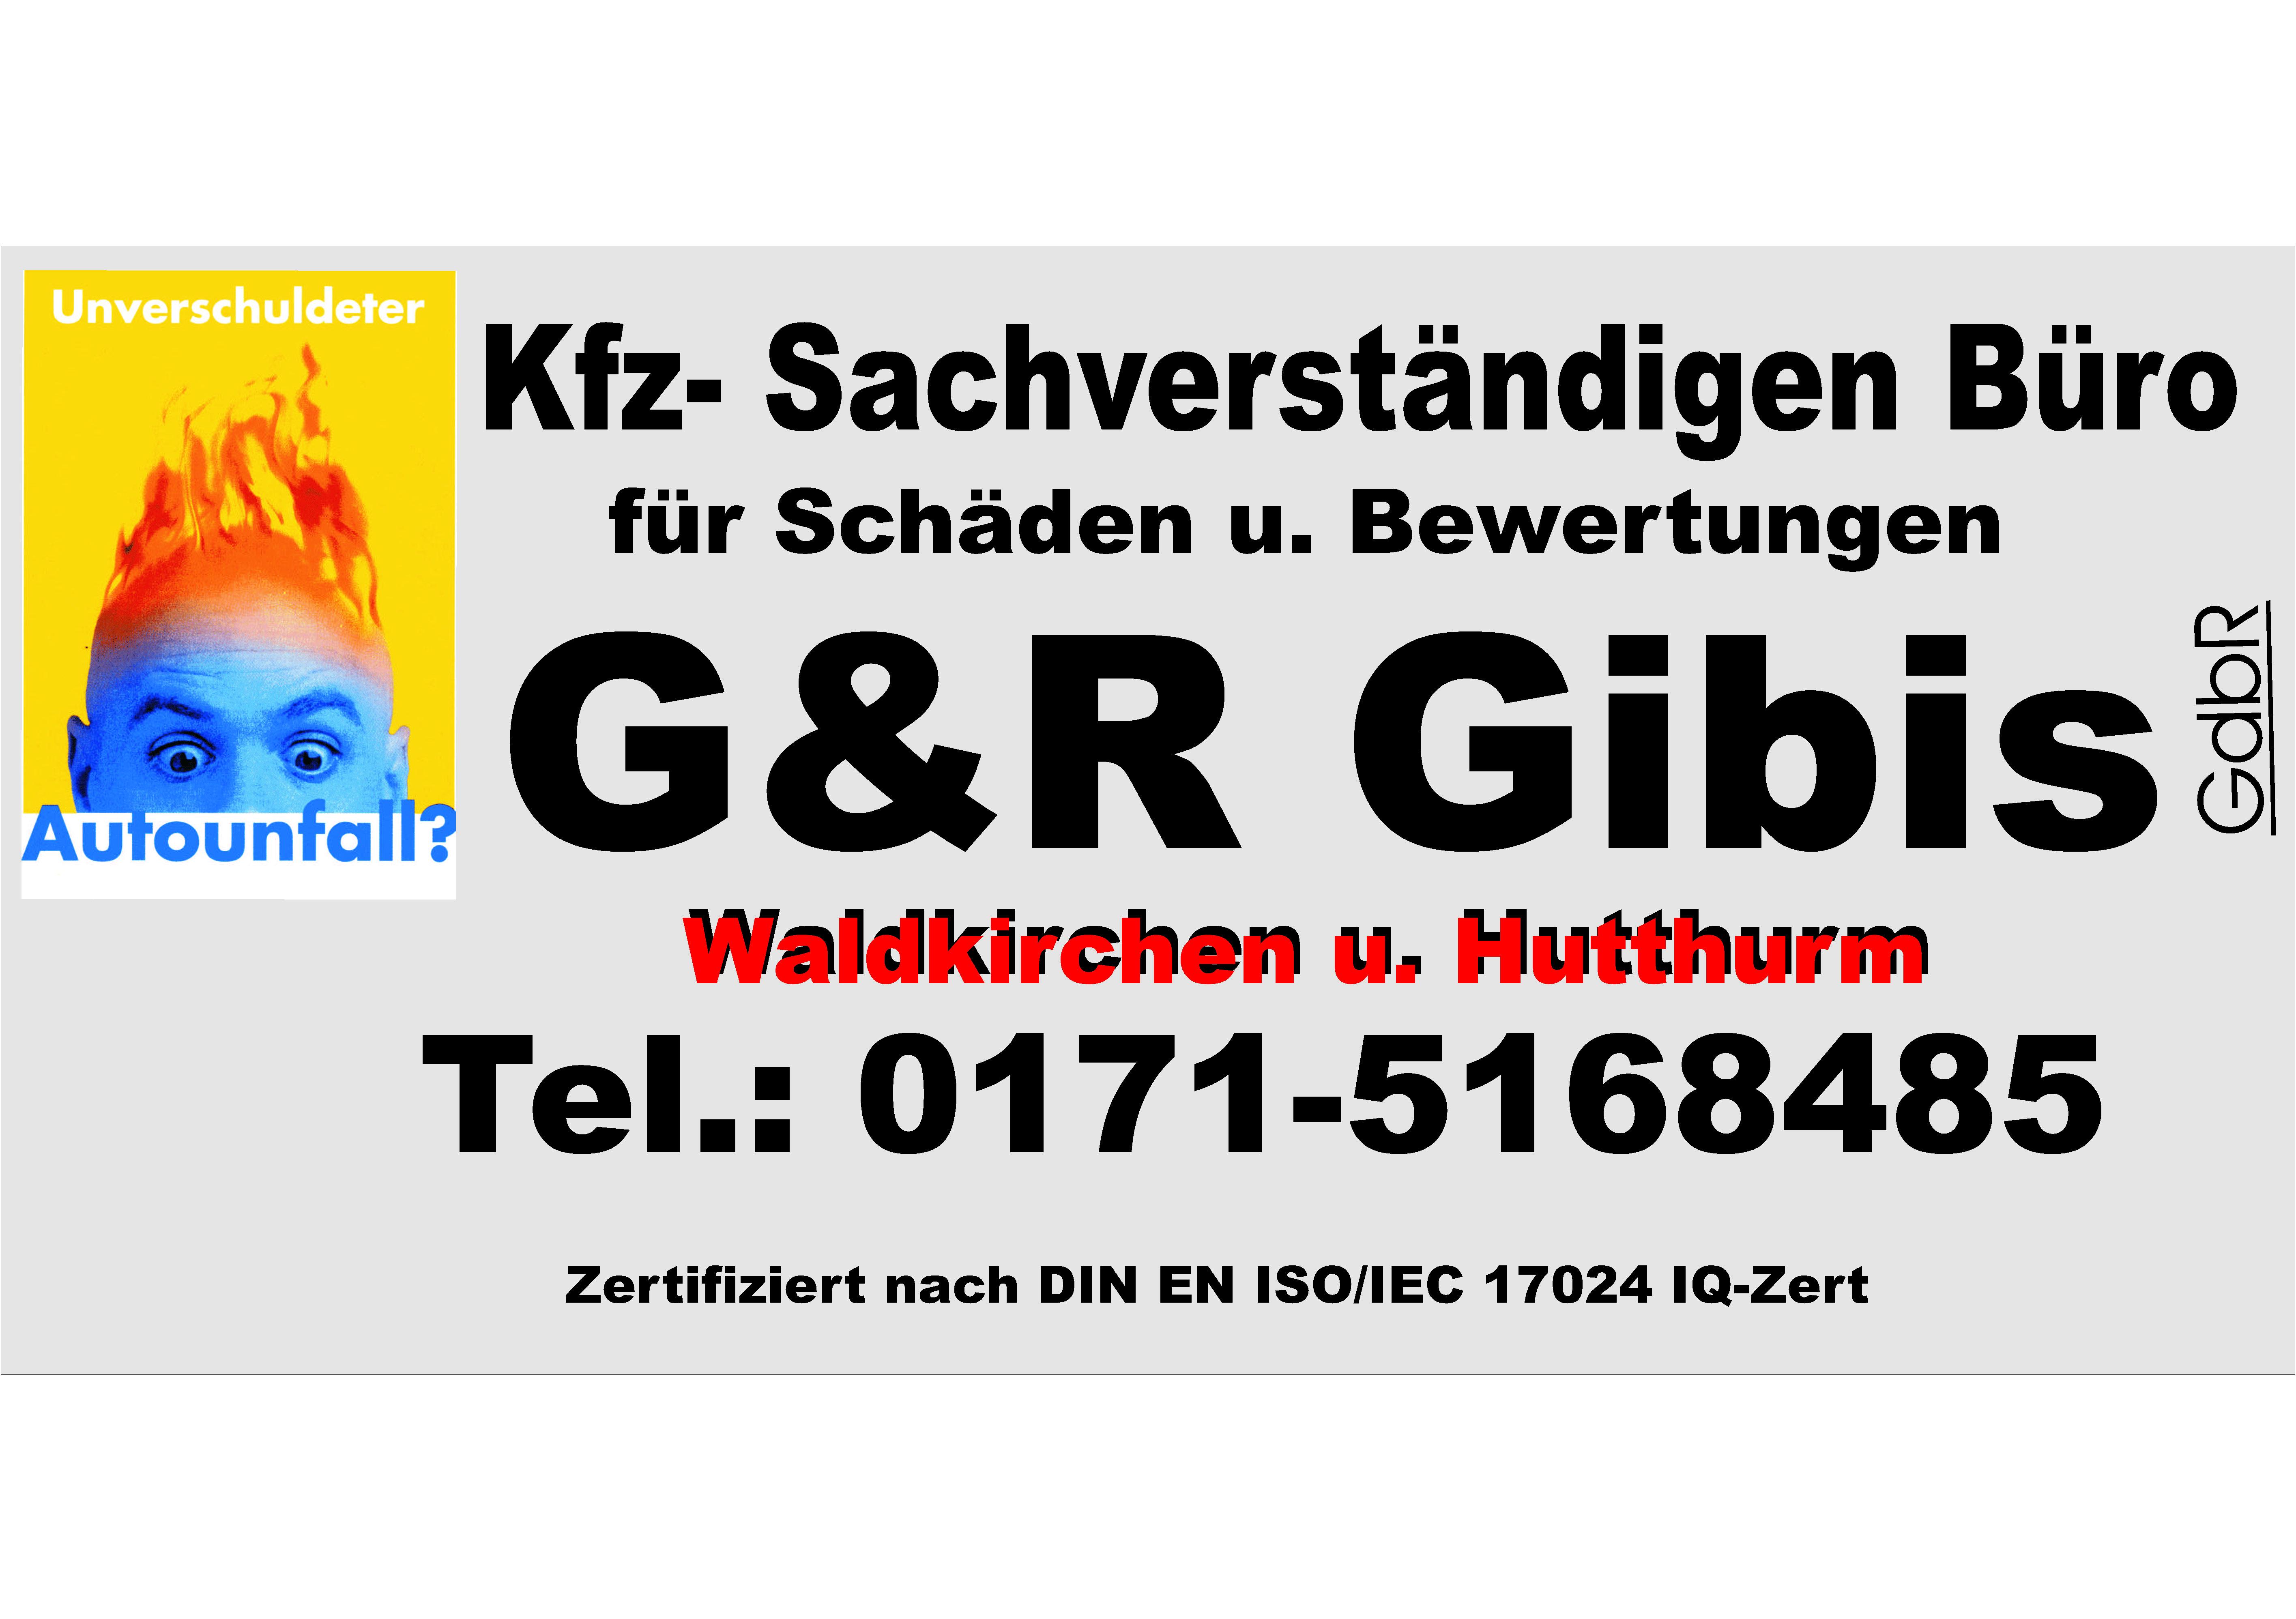 Kühberger Waldkirchen branchenverzeichnis waldkirchen im bayerischen wald einfach schön